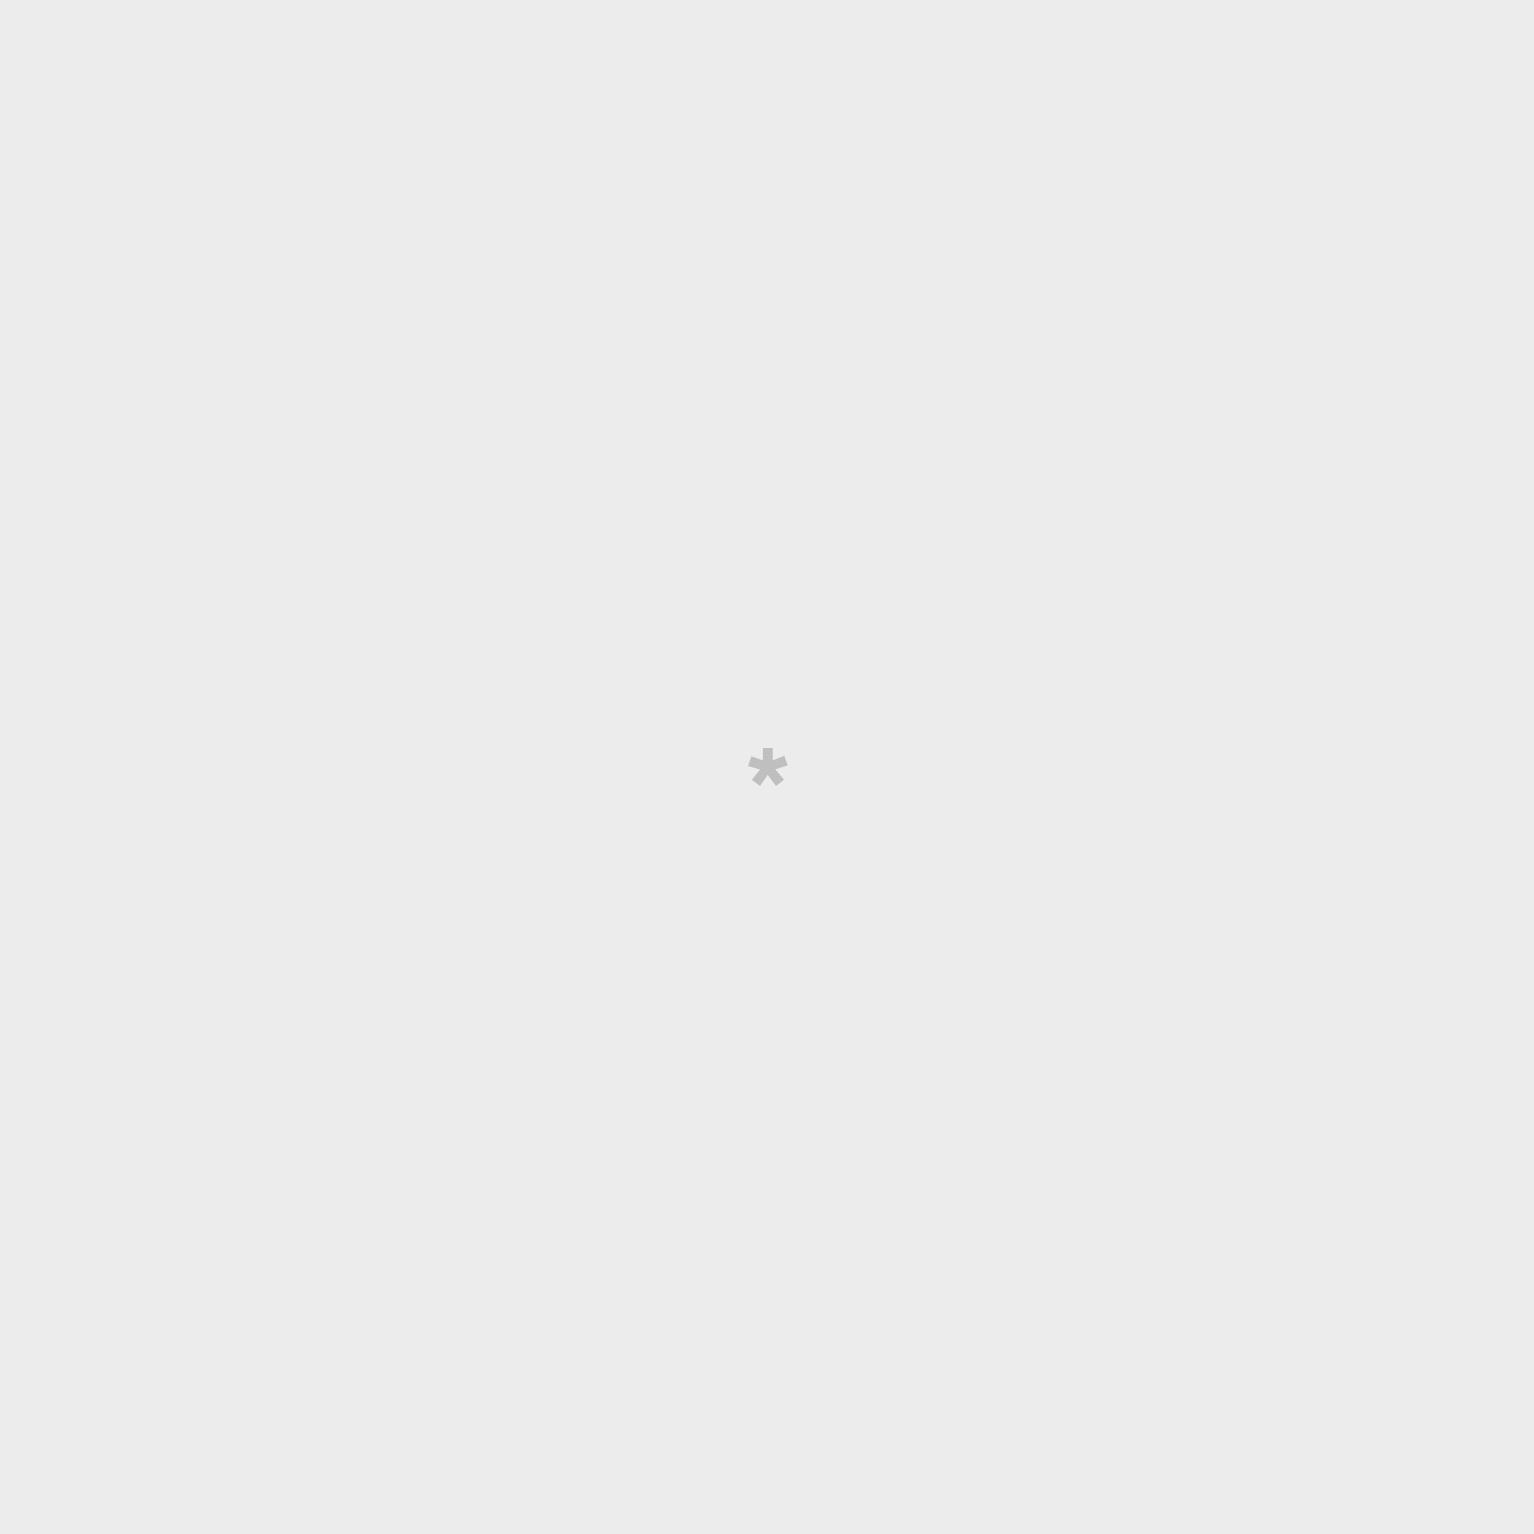 Calendario bullet - 2022 va a sacar lo mejorcito de ti